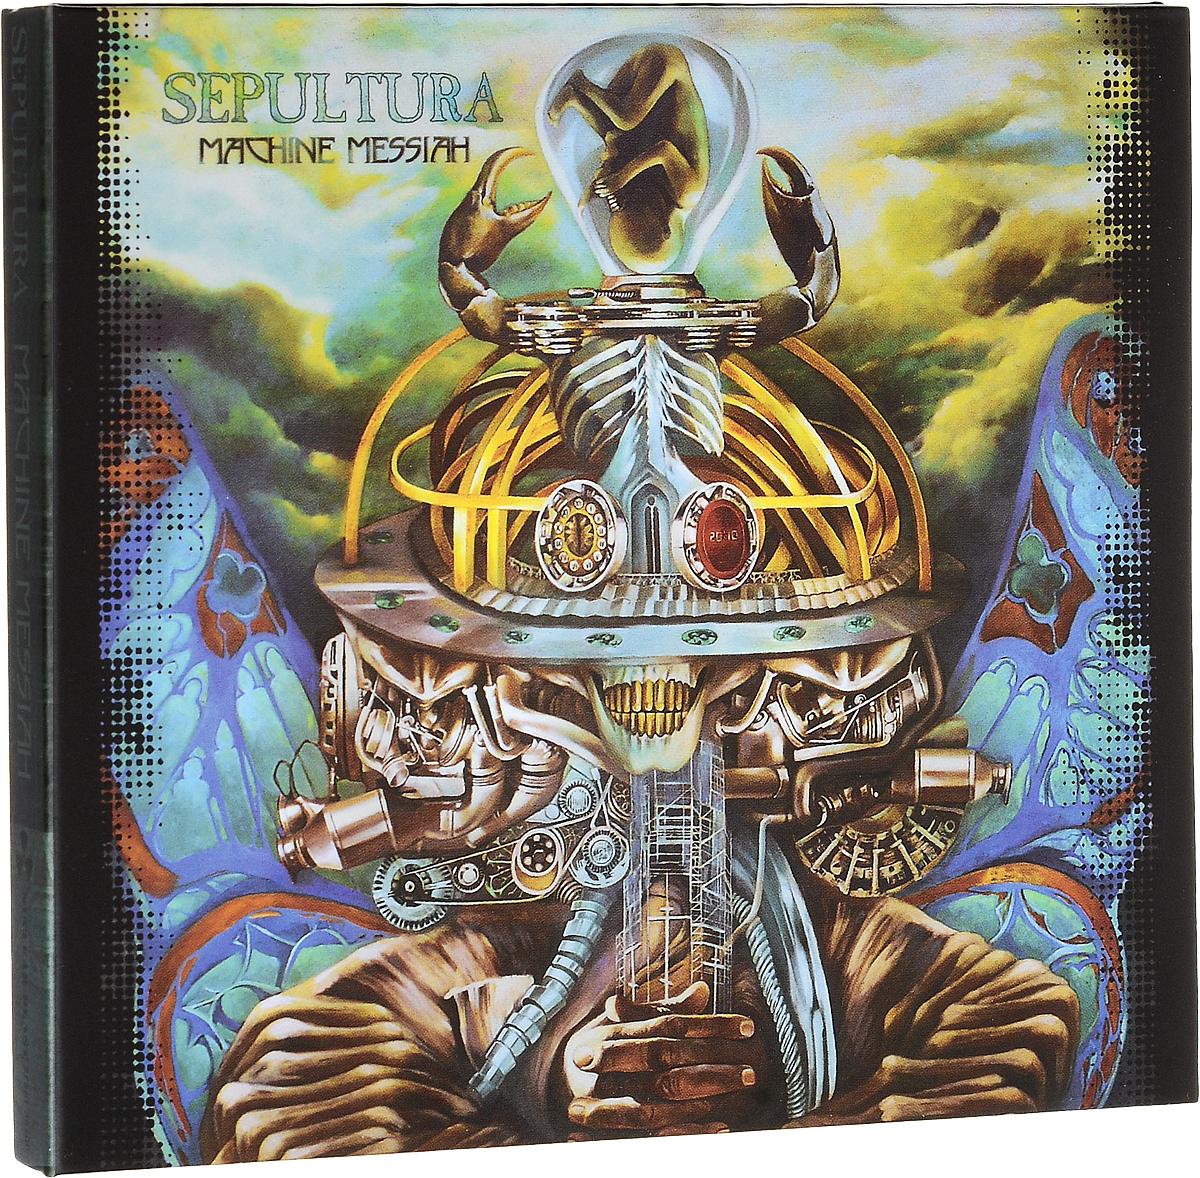 Sepultura Sepultura. Machine Messiah (CD + DVD) ameling marriner handel messiah